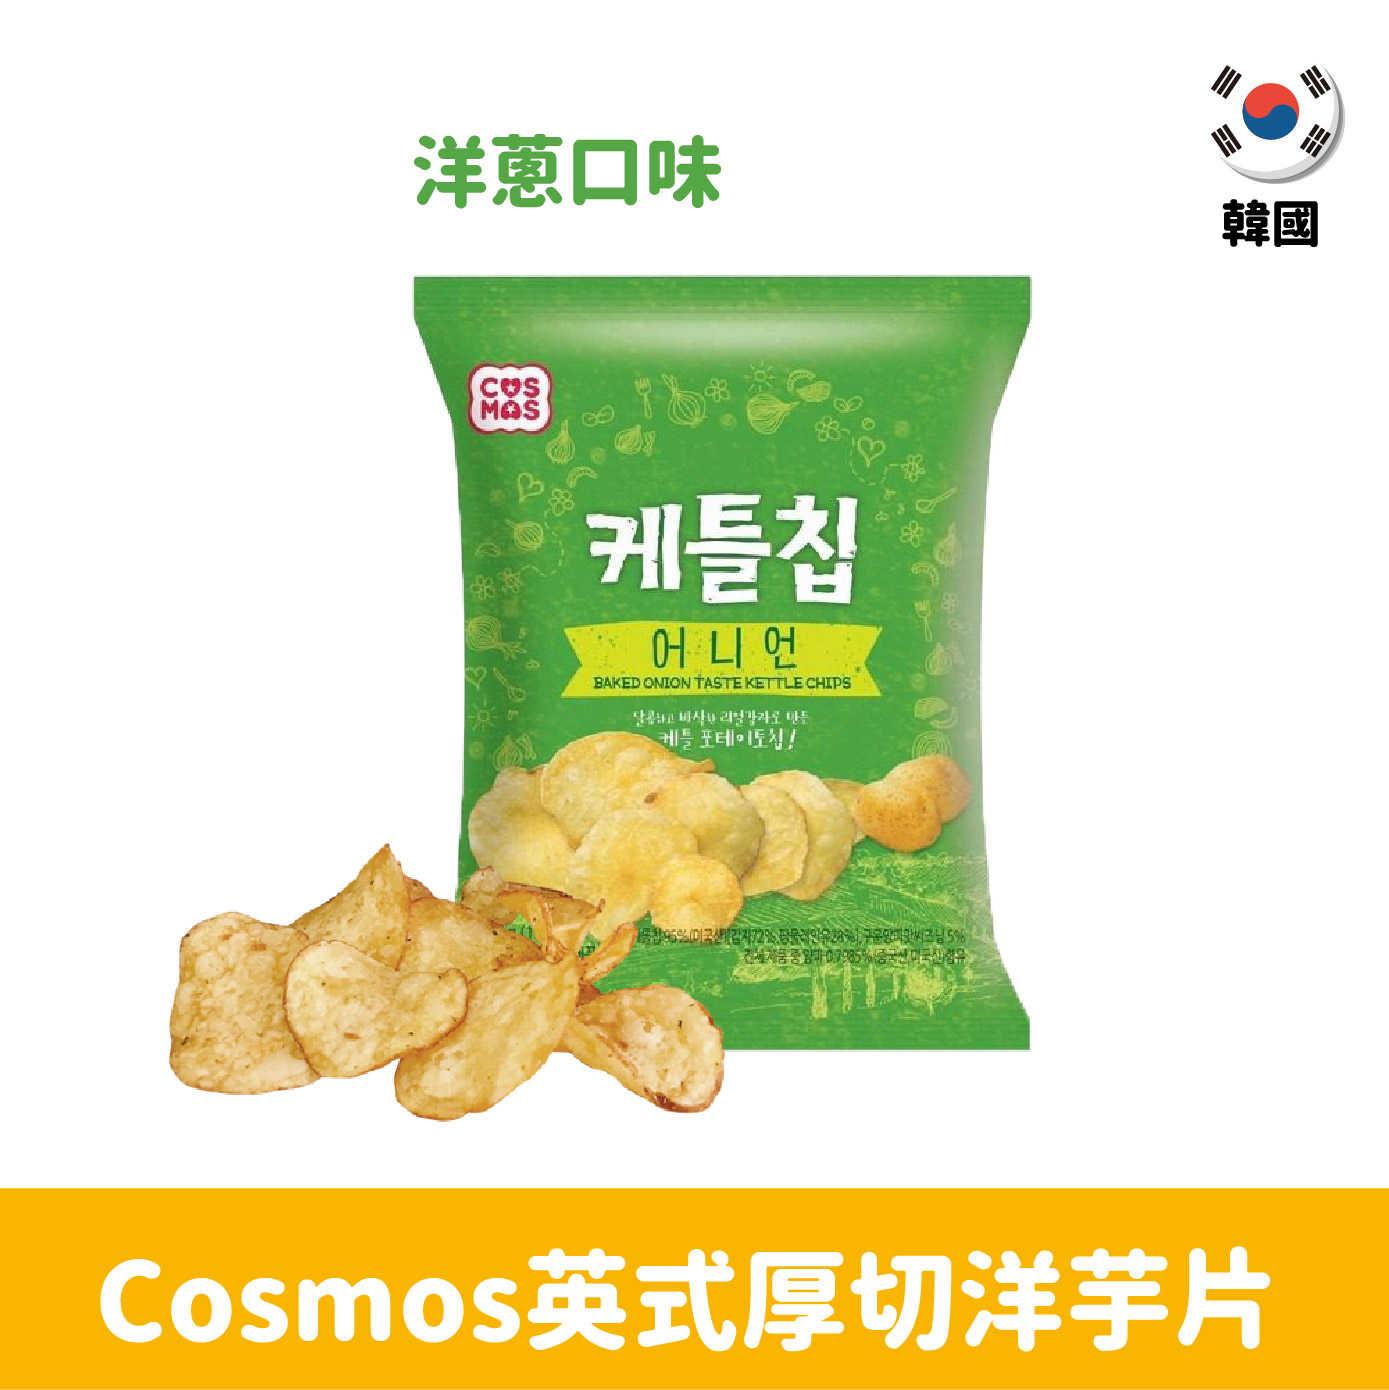 【韓國】Cosmos英式厚切洋芋片-洋蔥口味24g